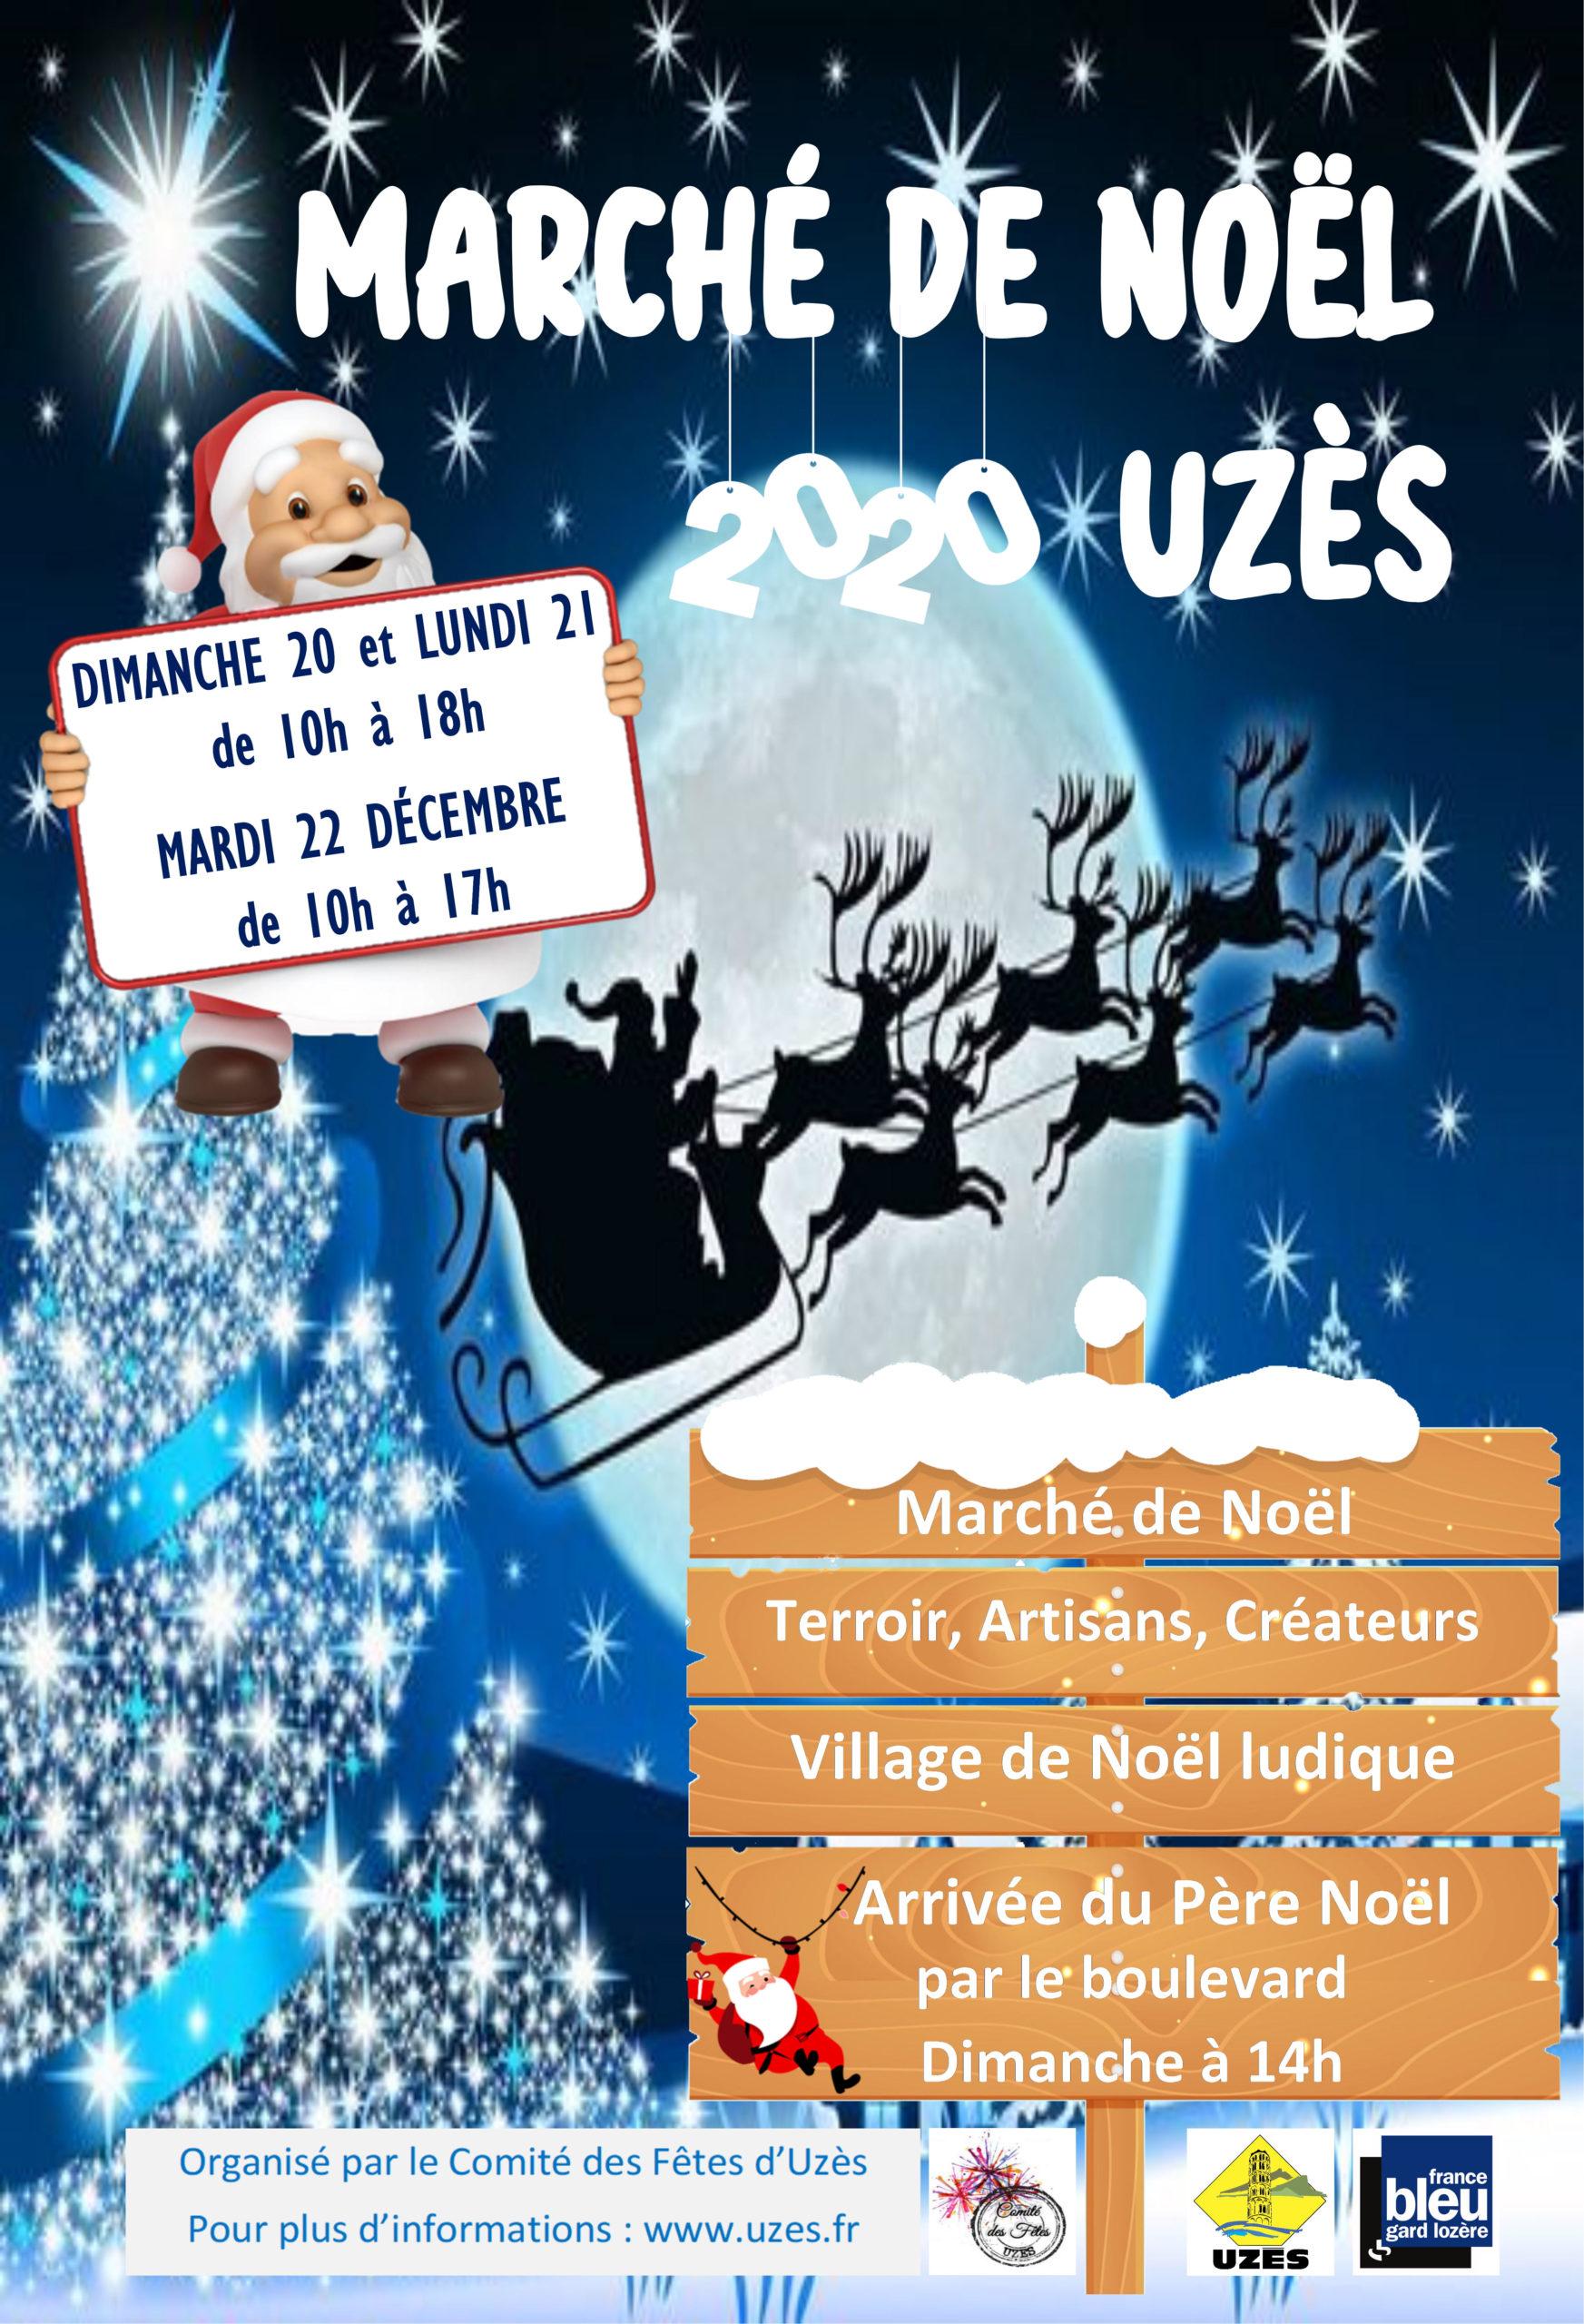 MARCHE DE NOEL UZES 2020